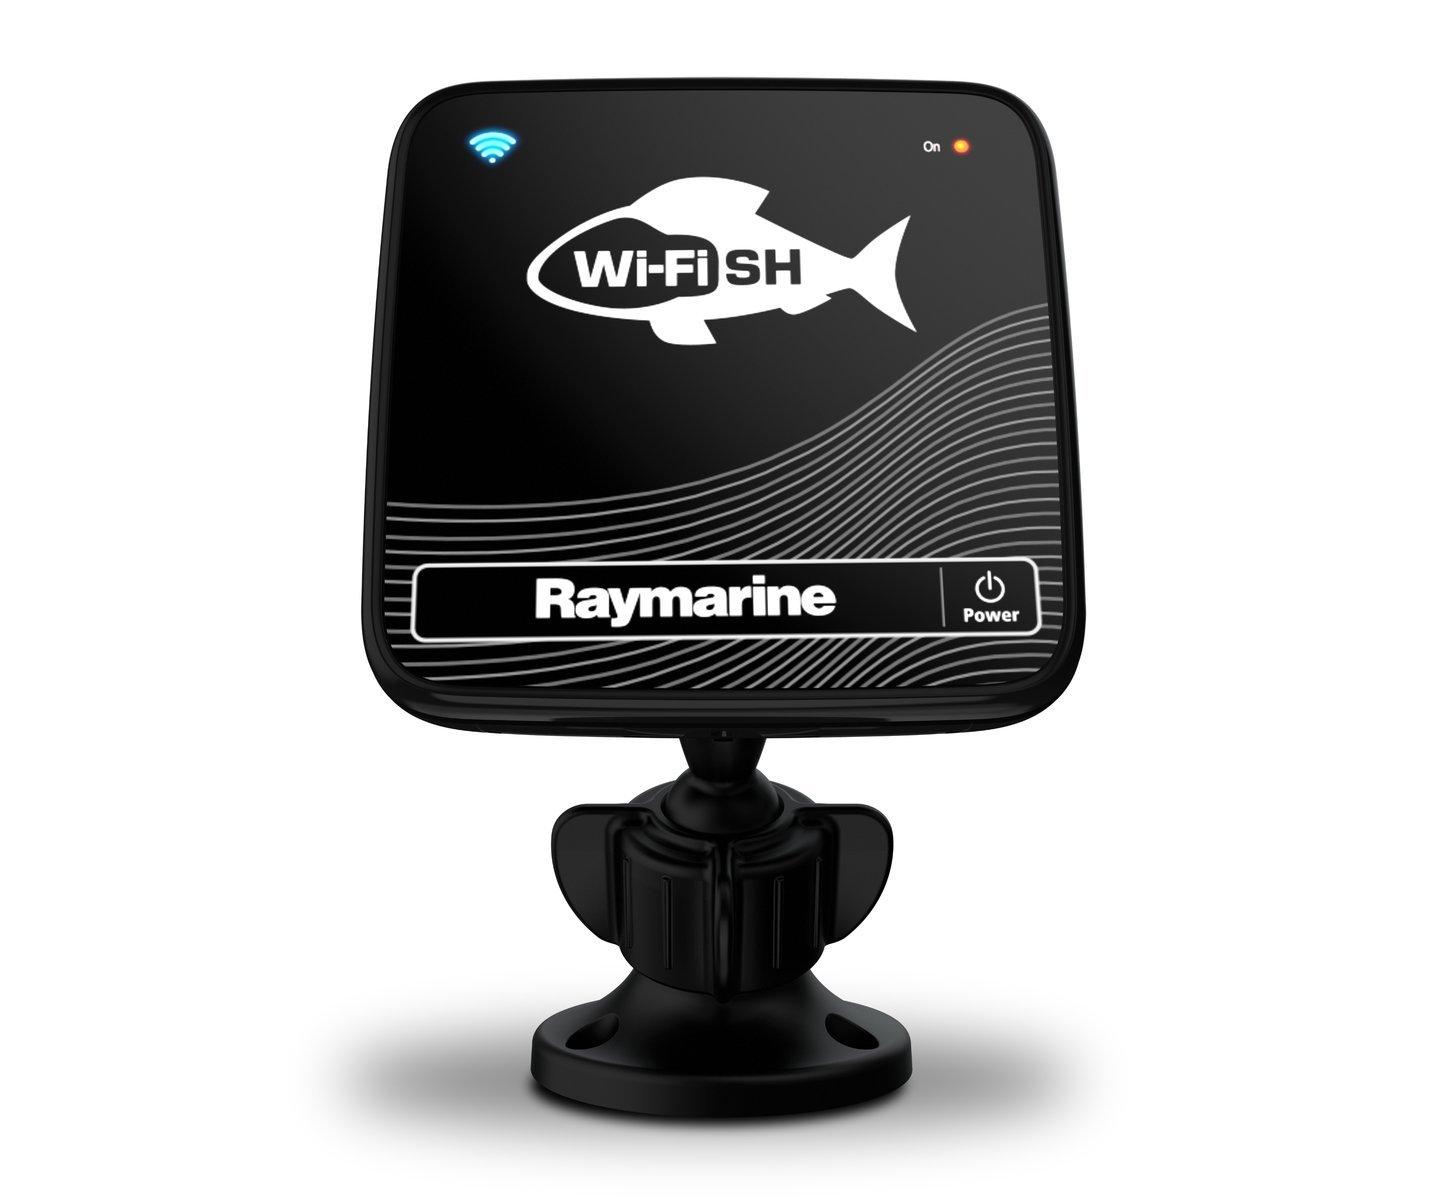 Raymarine Wi-Fish DownVision Blackbox Sonar with Wi-Fi by Raymarine